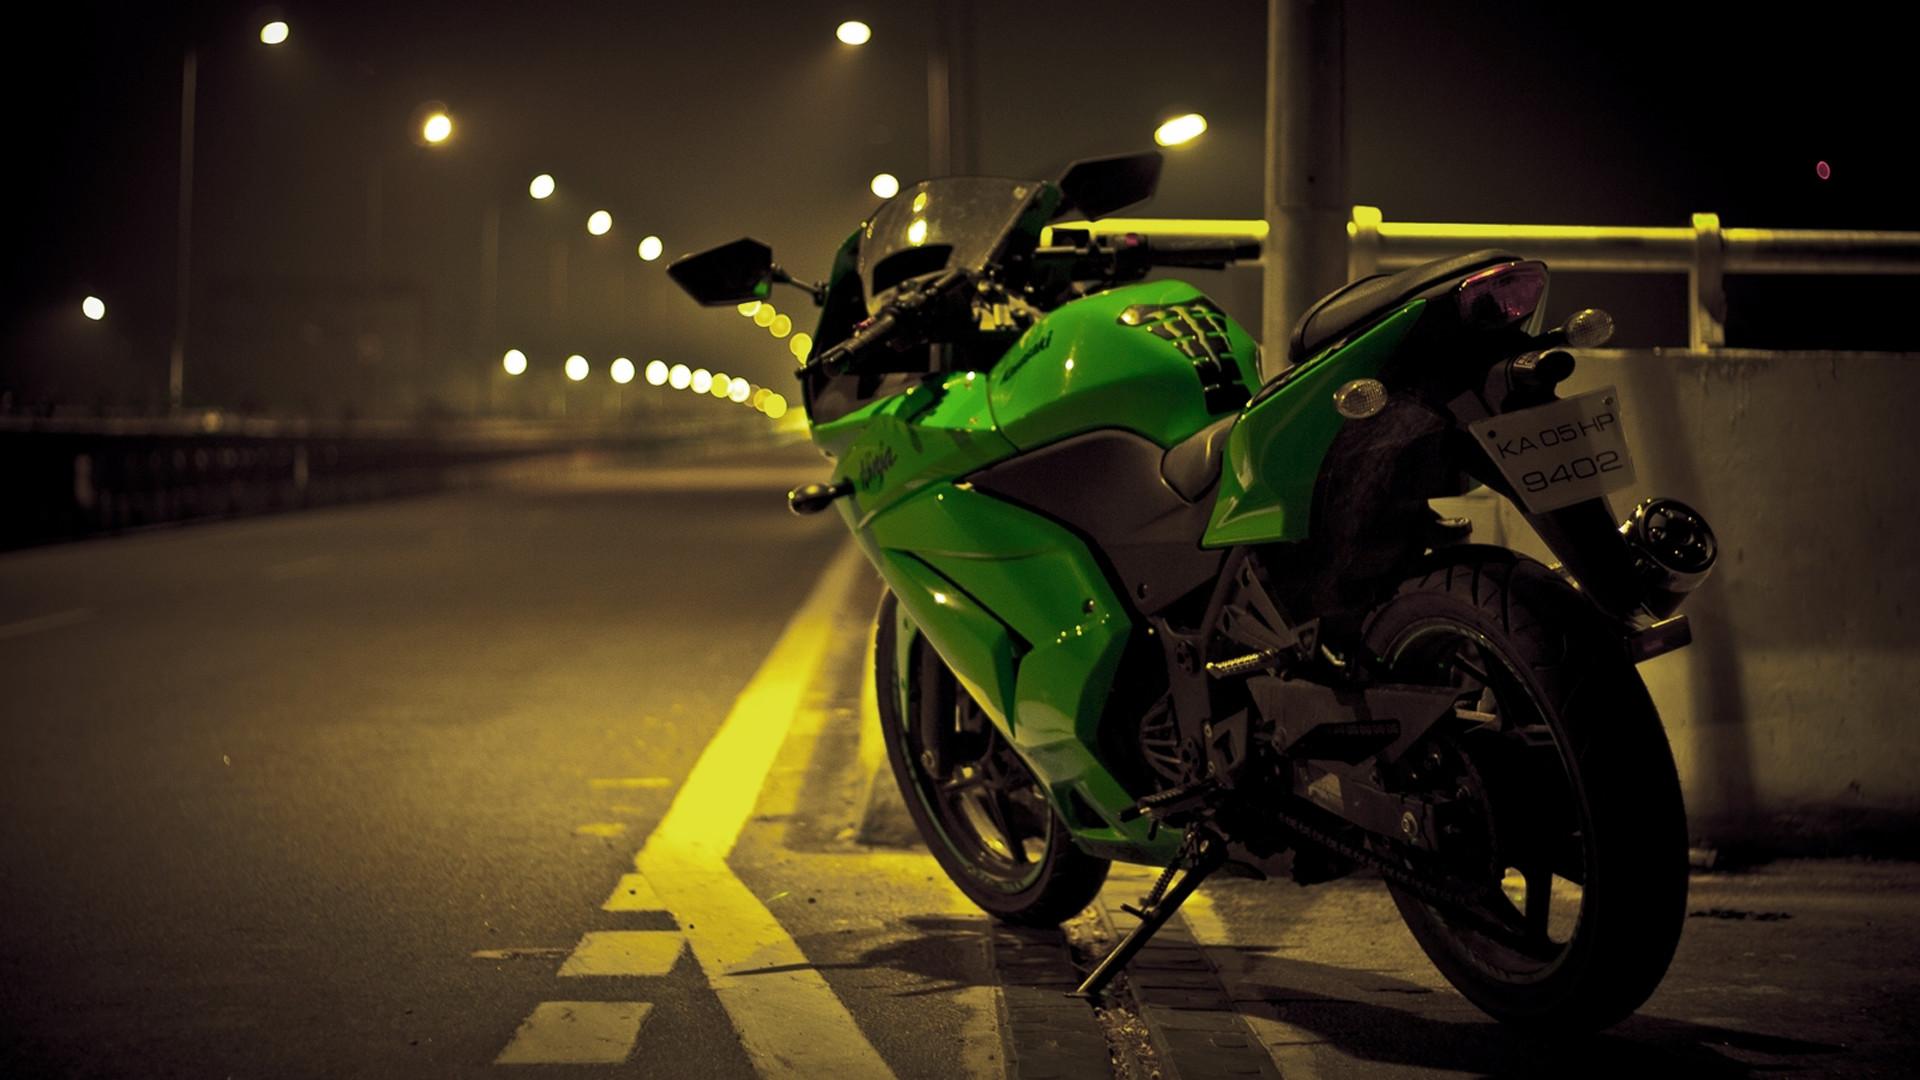 Kawasaki Ninja Wallpaper Hd 68 Images